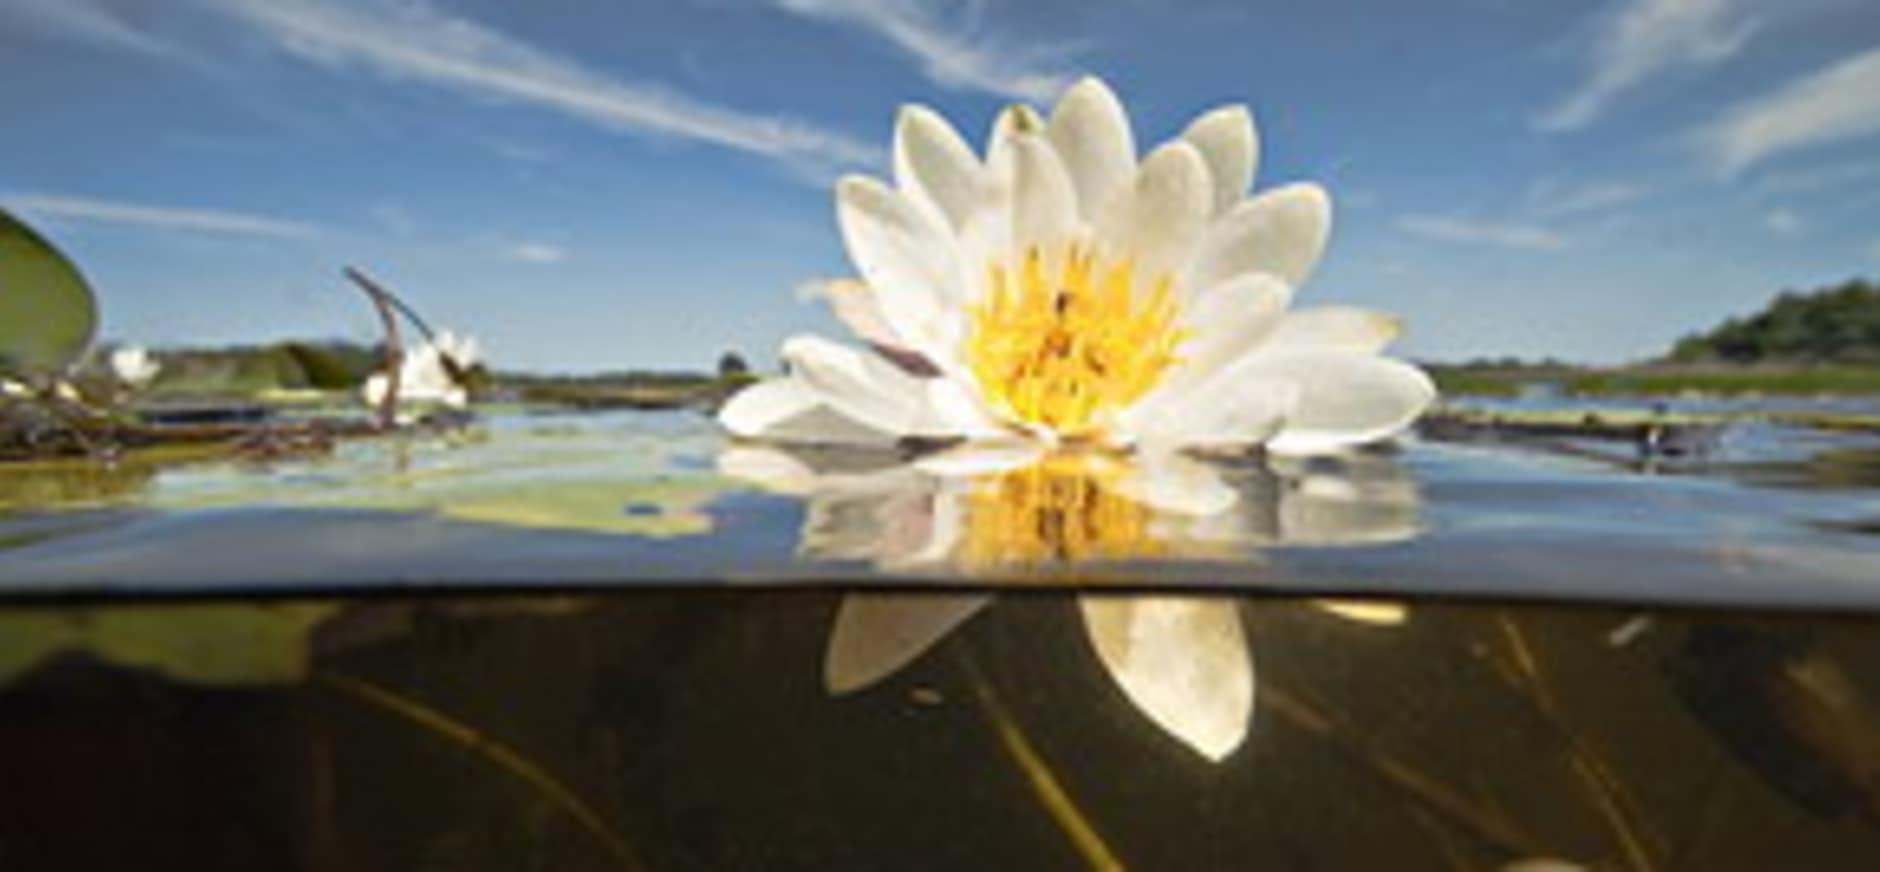 Natuur Innovatieprijs 2015: natuur onder water beleefbaar maken